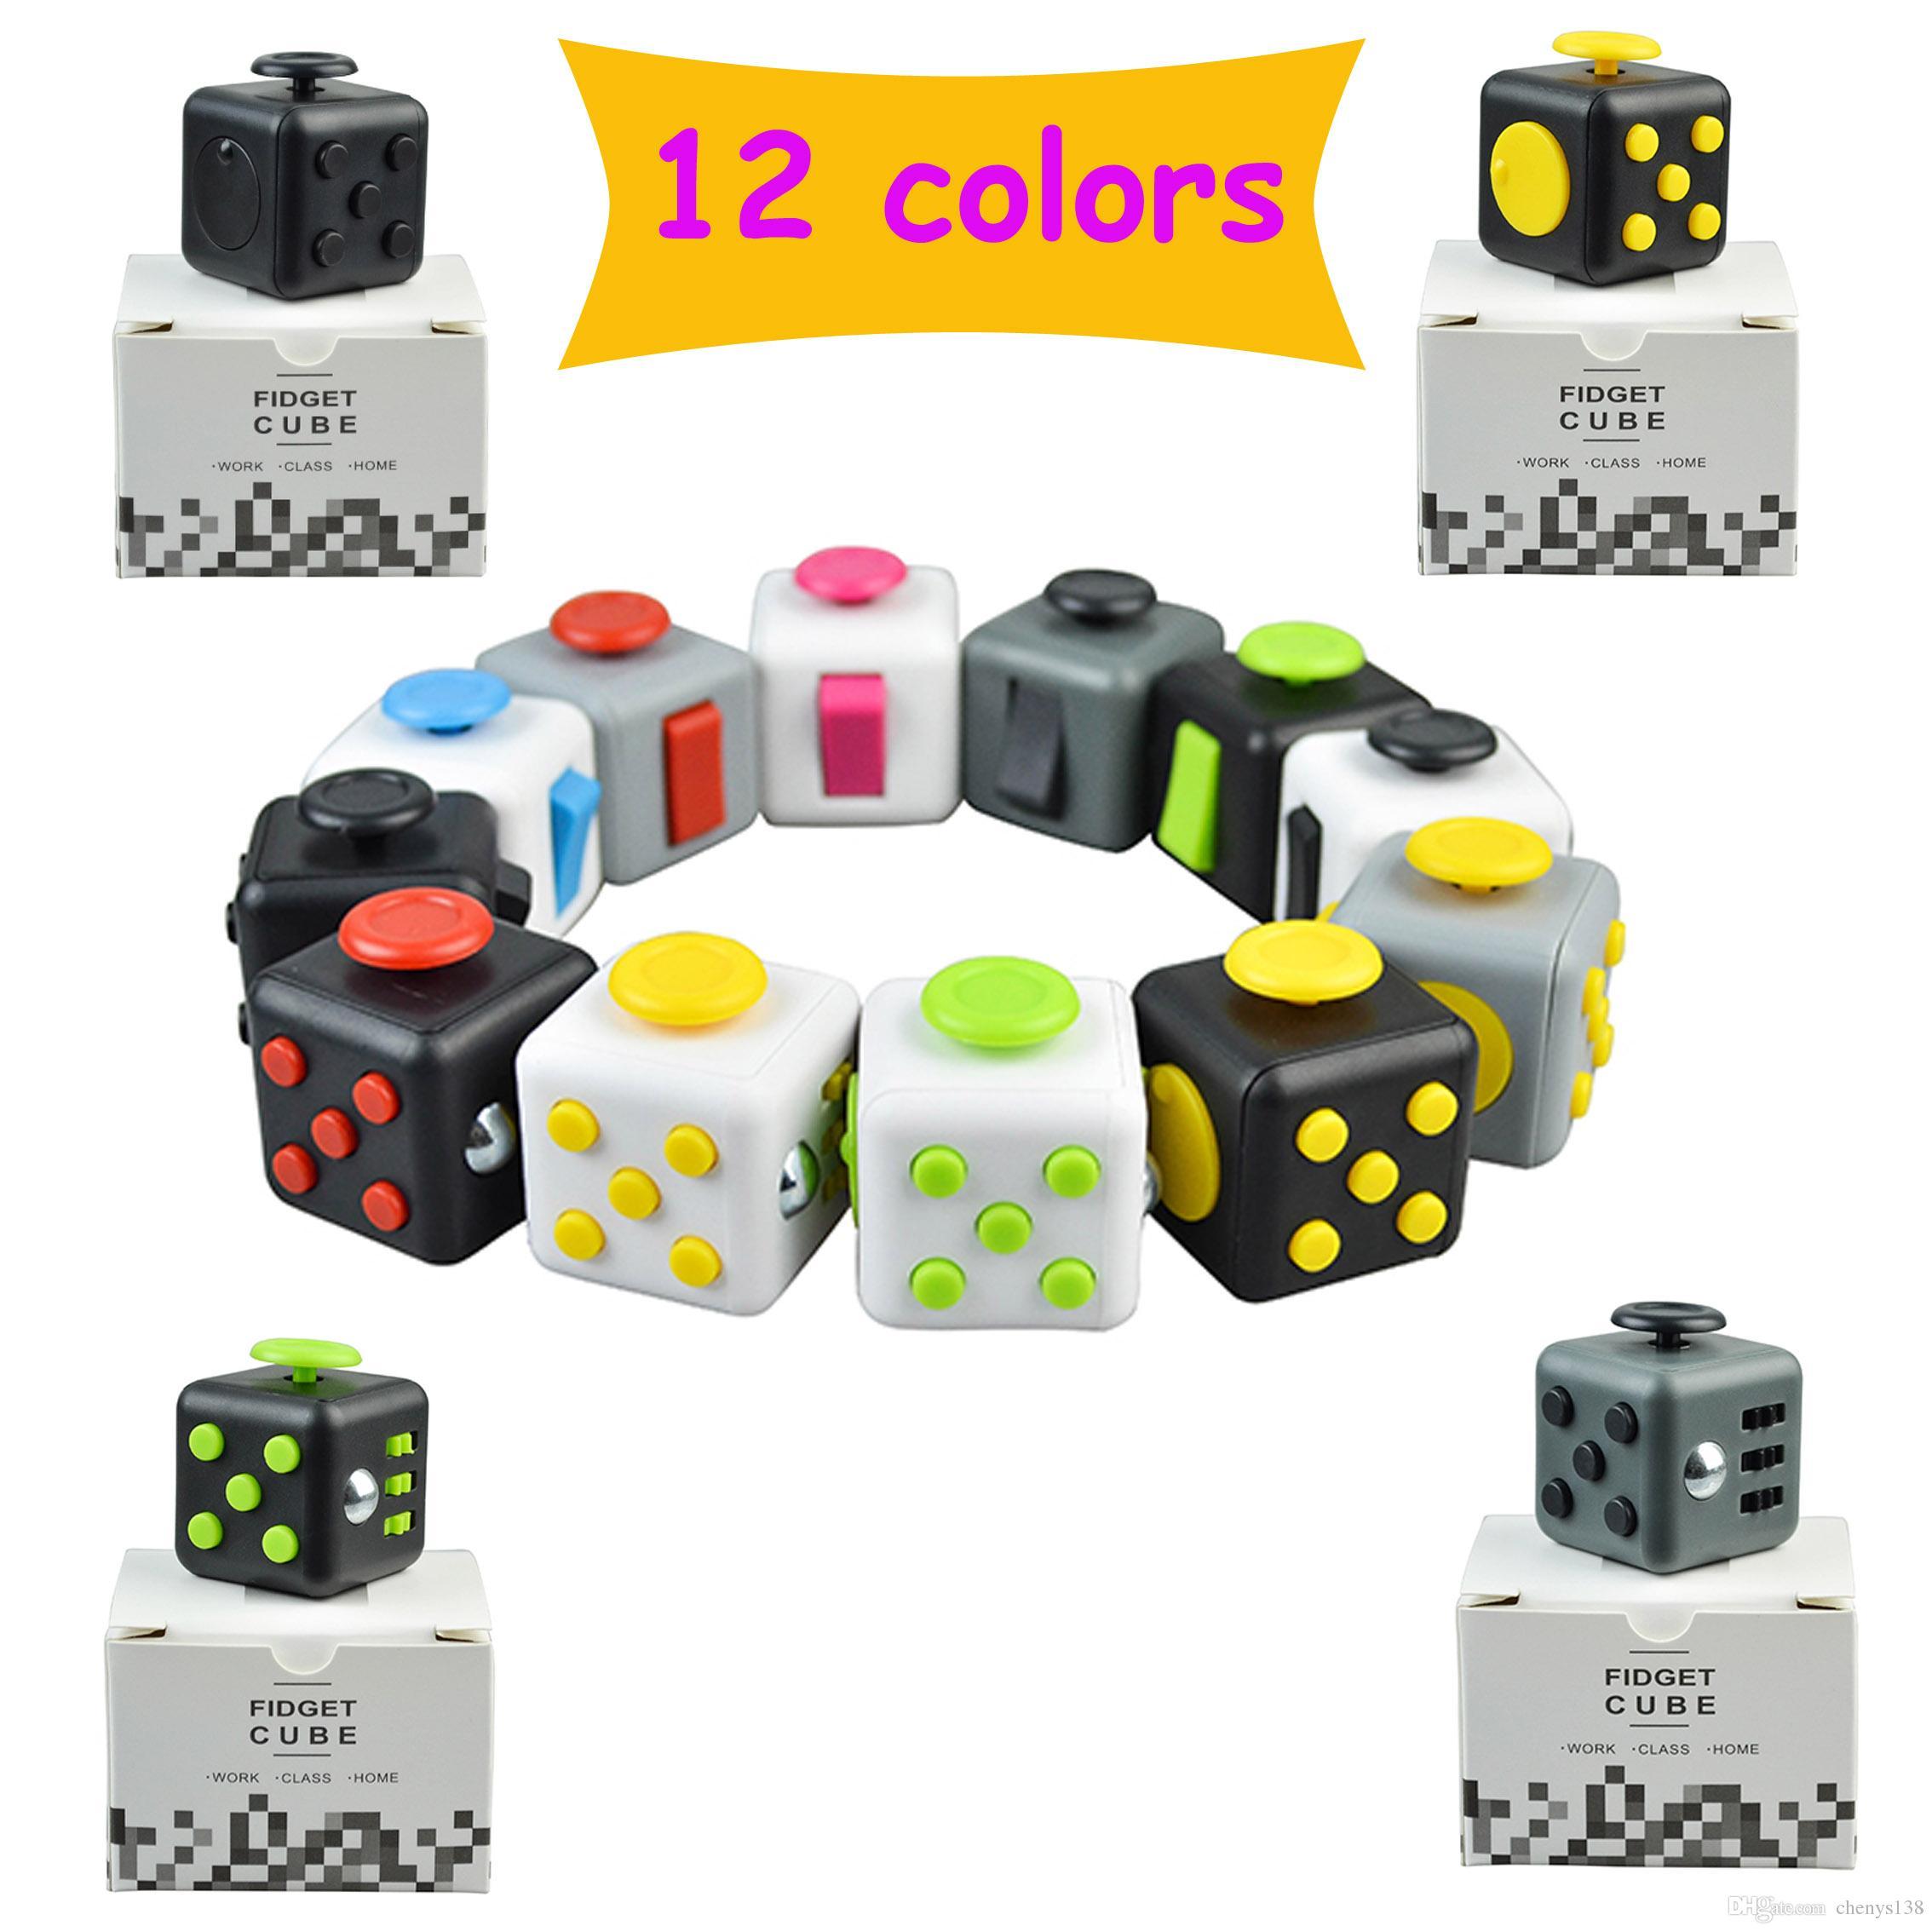 Best Toys Adu : Popular fidget cube stress relief toys novelty